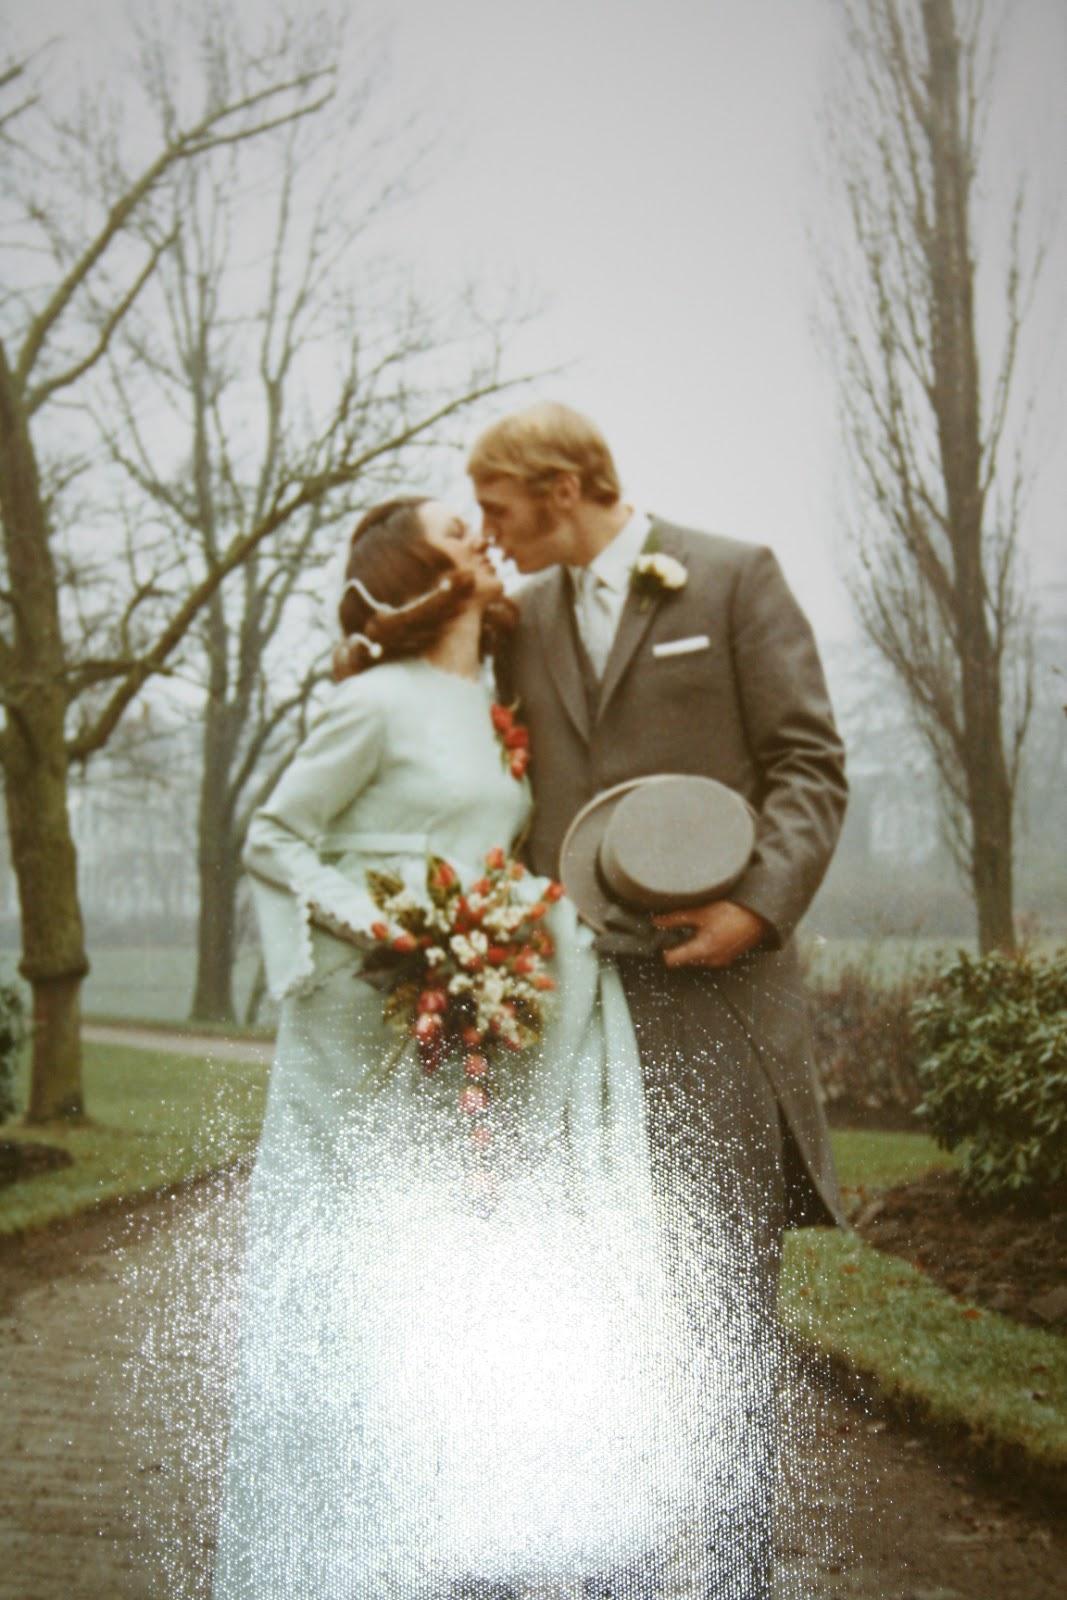 Riekie Jansen Blog Mijn Verhalen En Gedichten November 2018